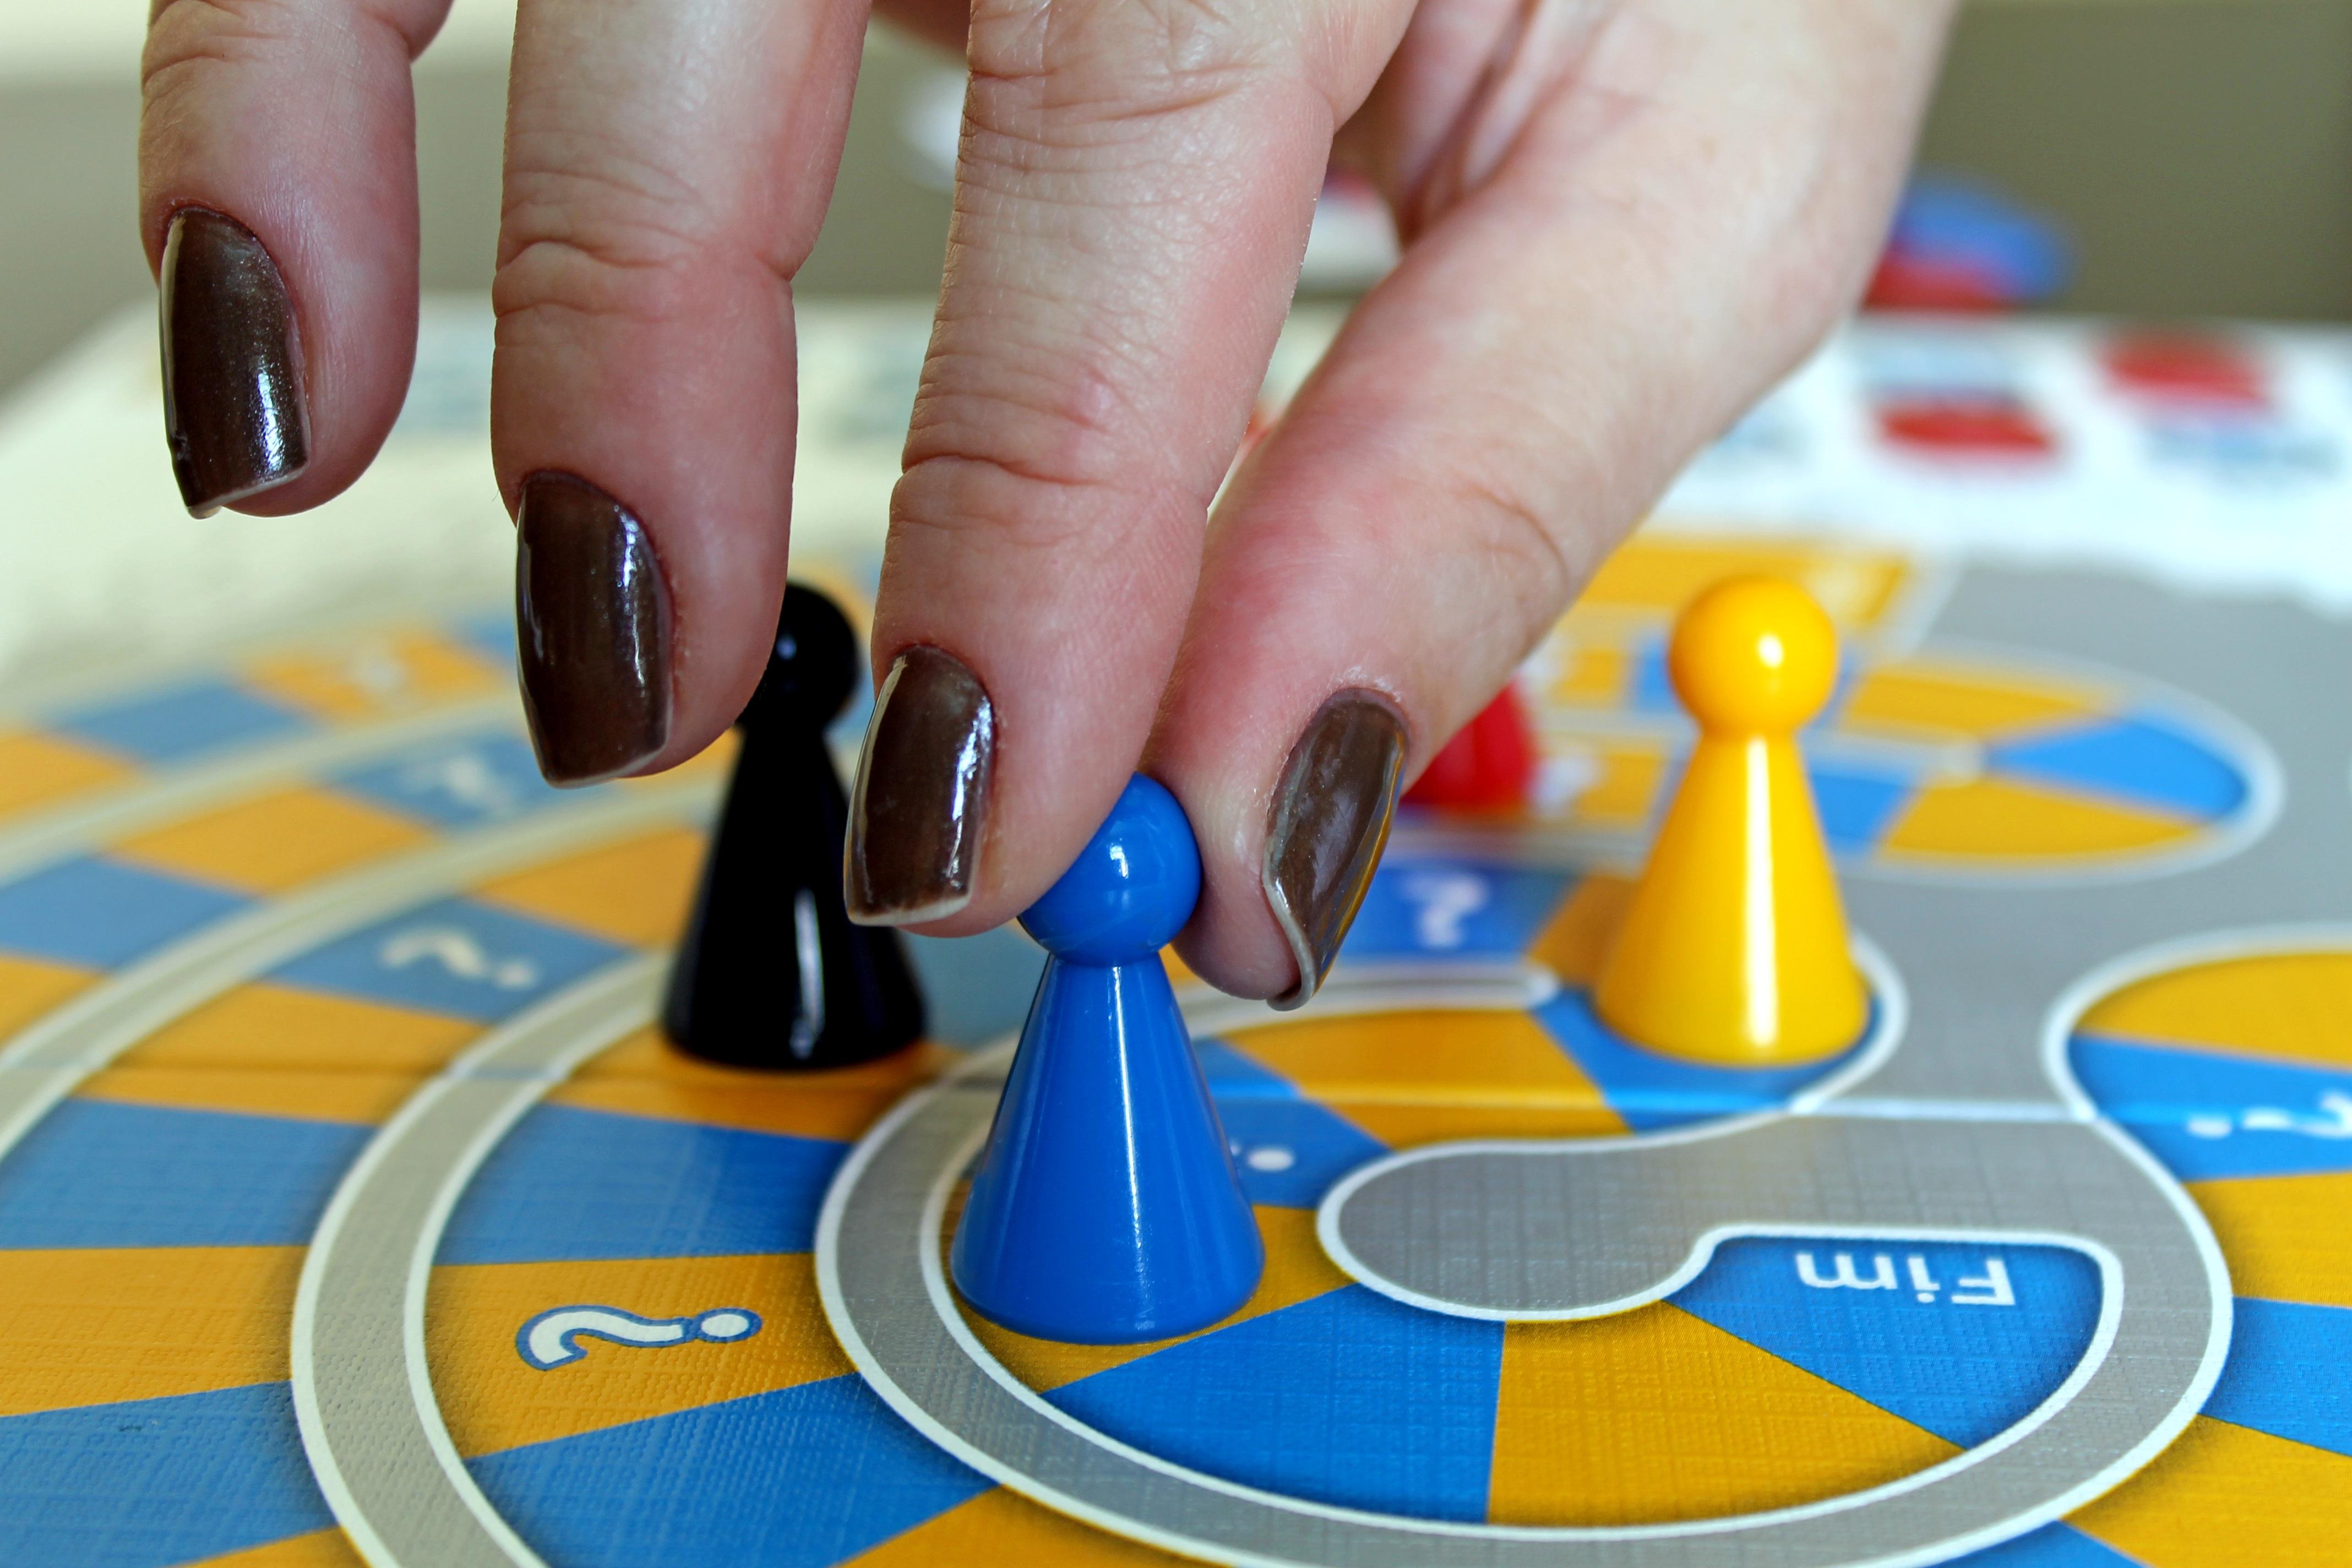 Fotos Gratis Mano Tablero Jugar Dedo Color Azul Una Juego